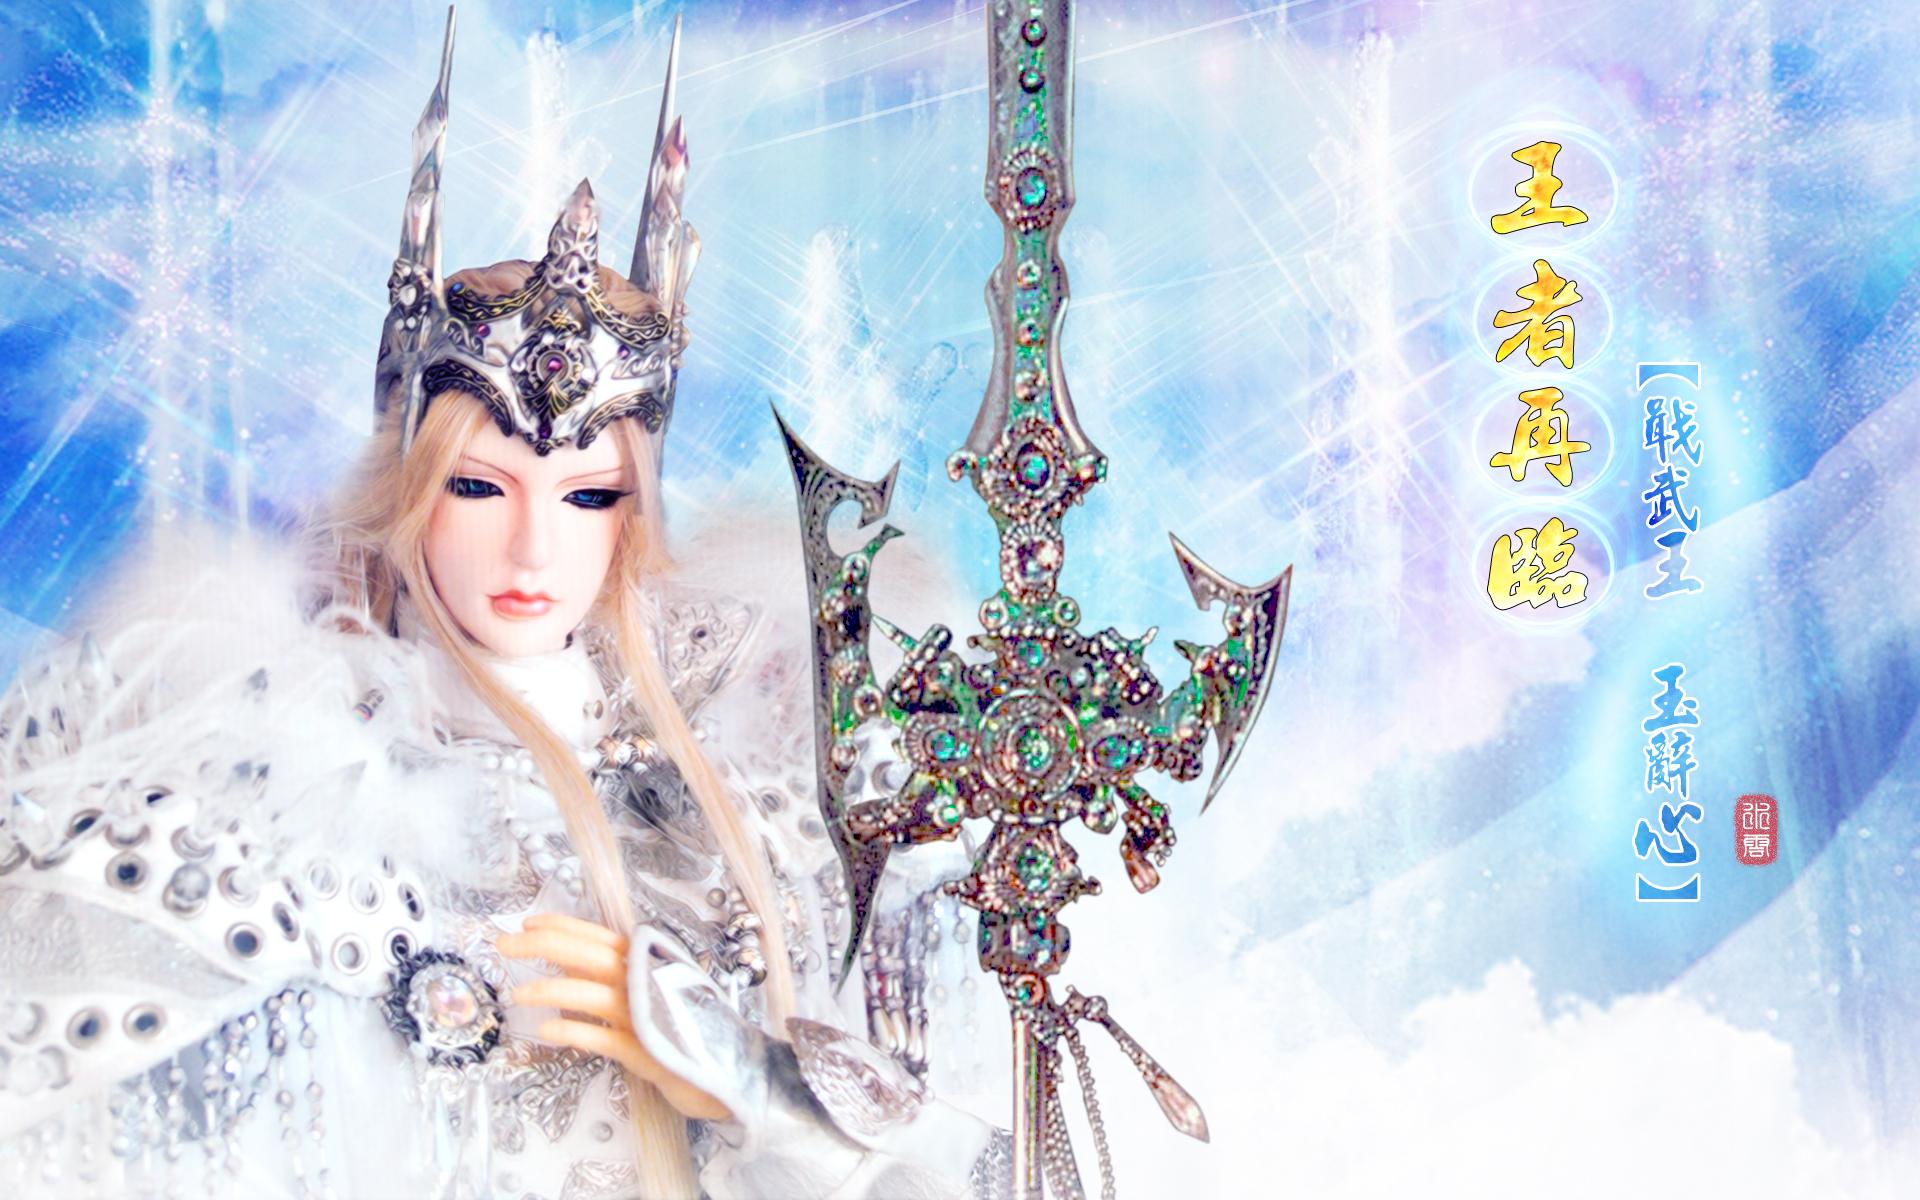 王者再臨_(華麗戰袍版_戢武王_玉辭心)(1920x1200)